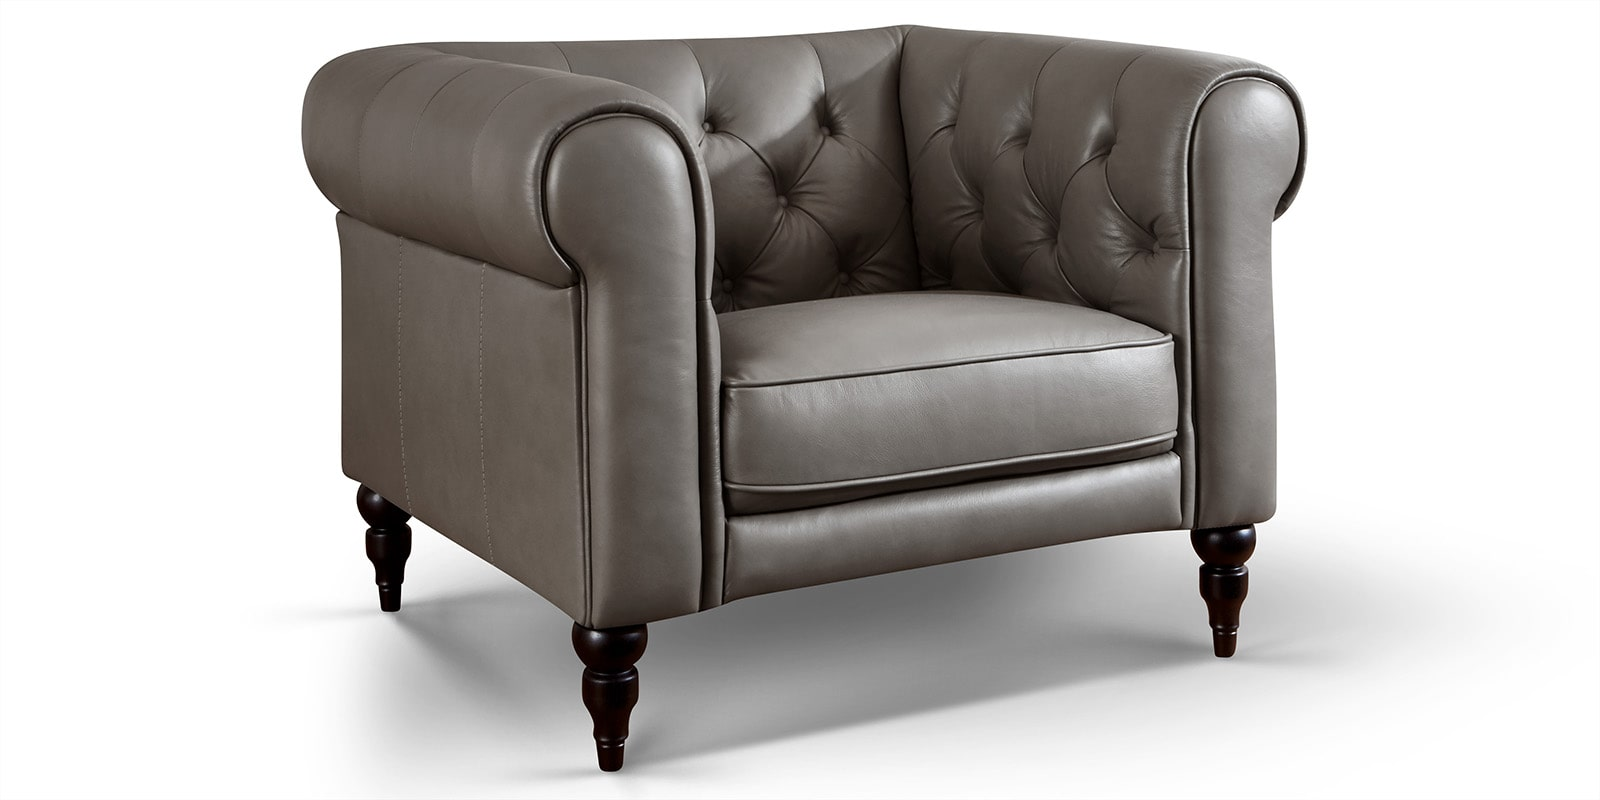 Moebella24 - 1-Sitzer - Sessel - Sofa - Hudson - Chesterfield - Leder - Grau - Dekorative - Nähte - und - Versteppungen - Barock-Design - Füße - Detailaufnahme